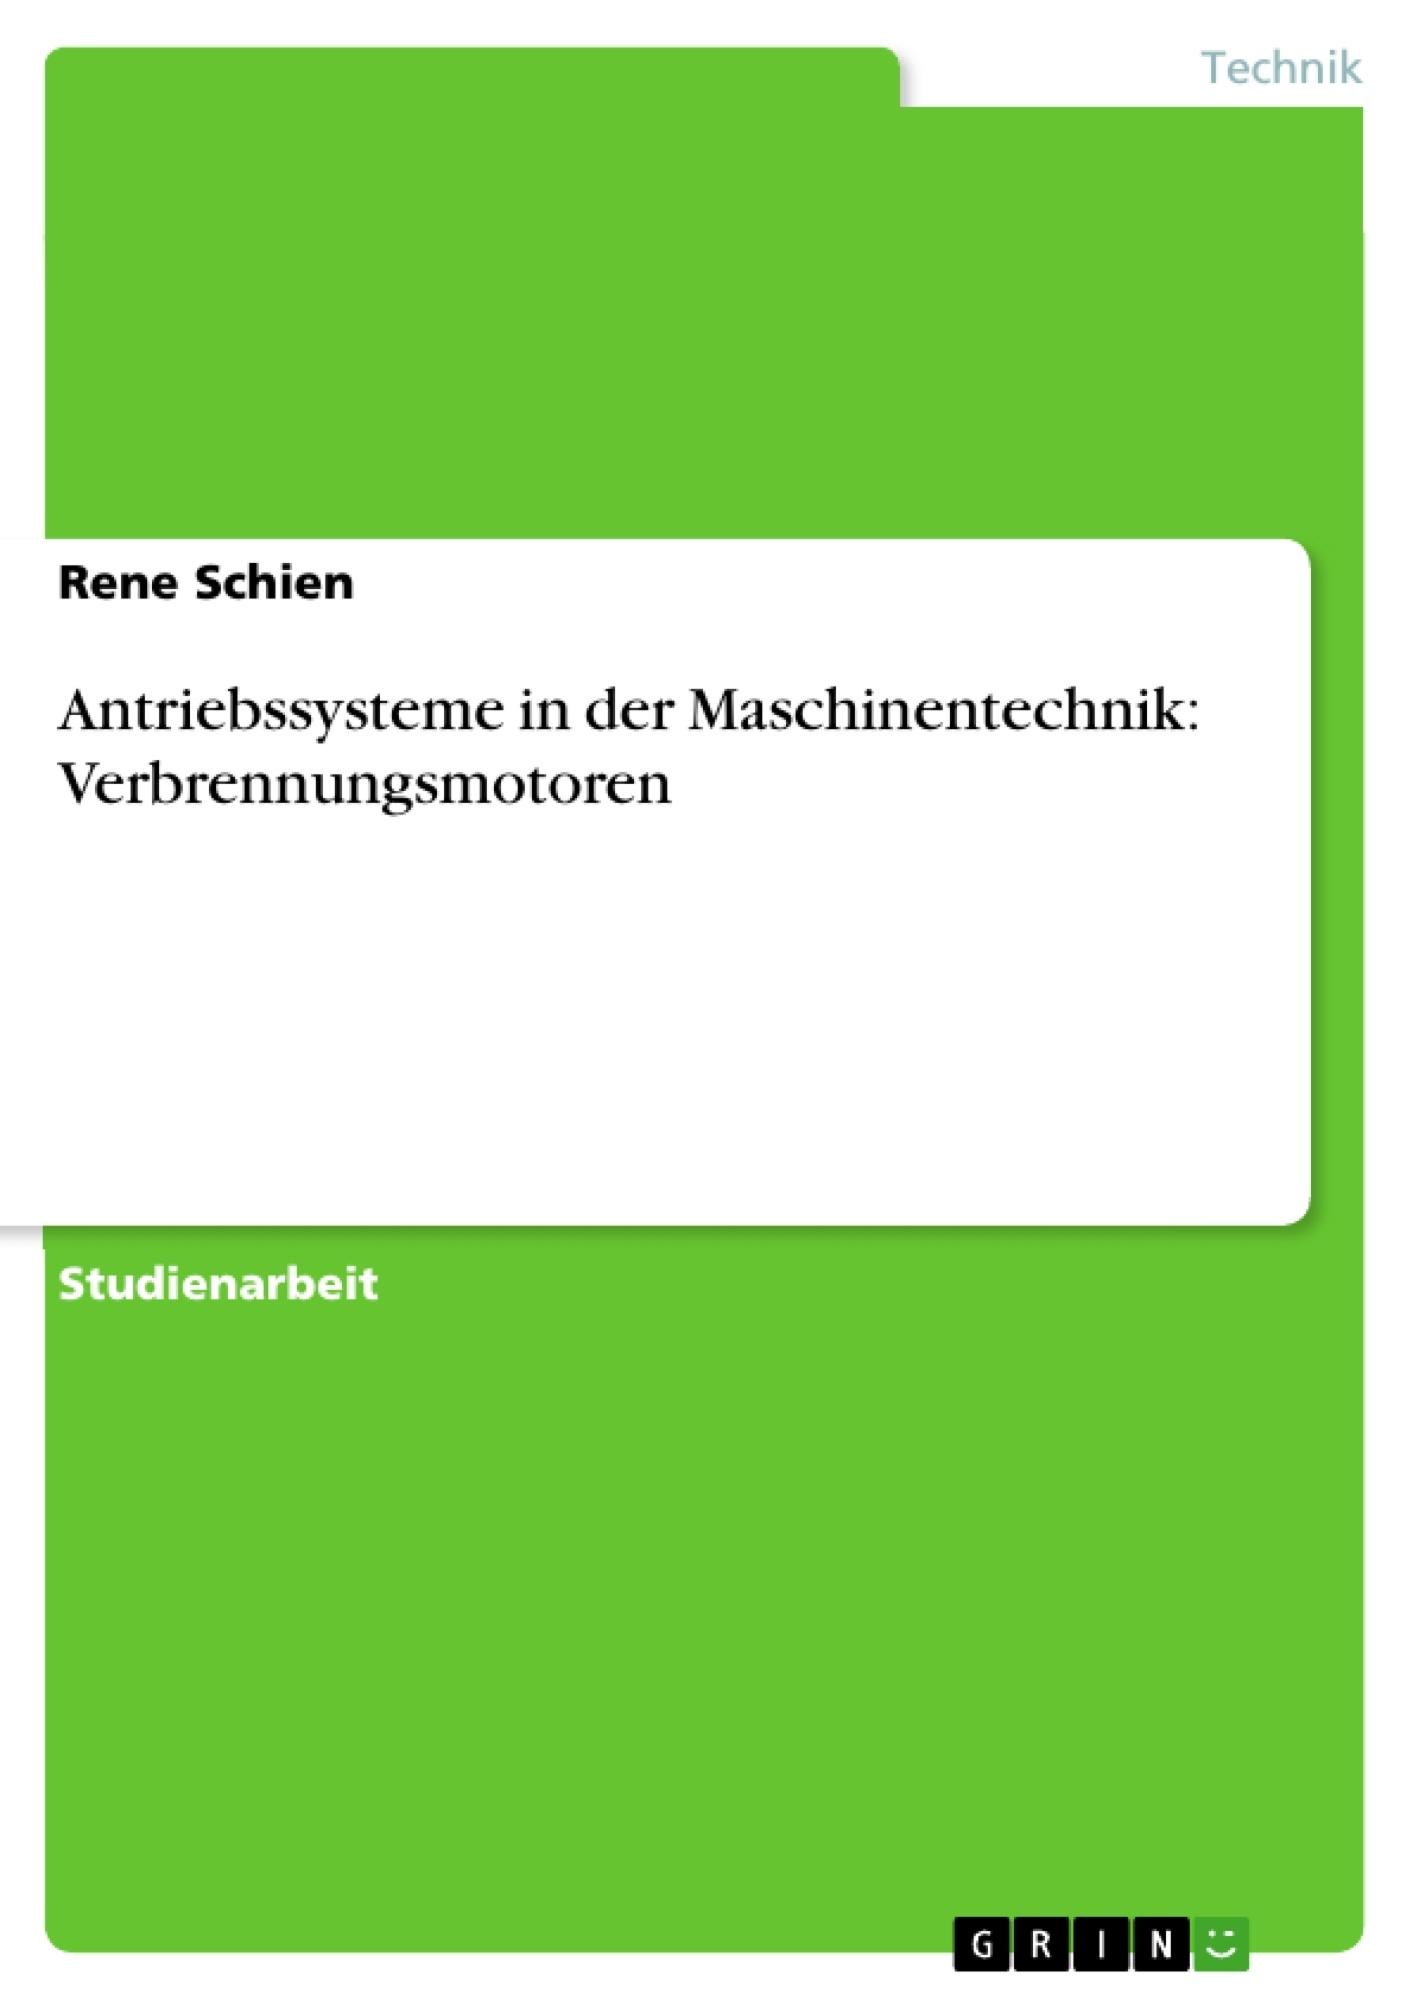 Titel: Antriebssysteme in der Maschinentechnik: Verbrennungsmotoren